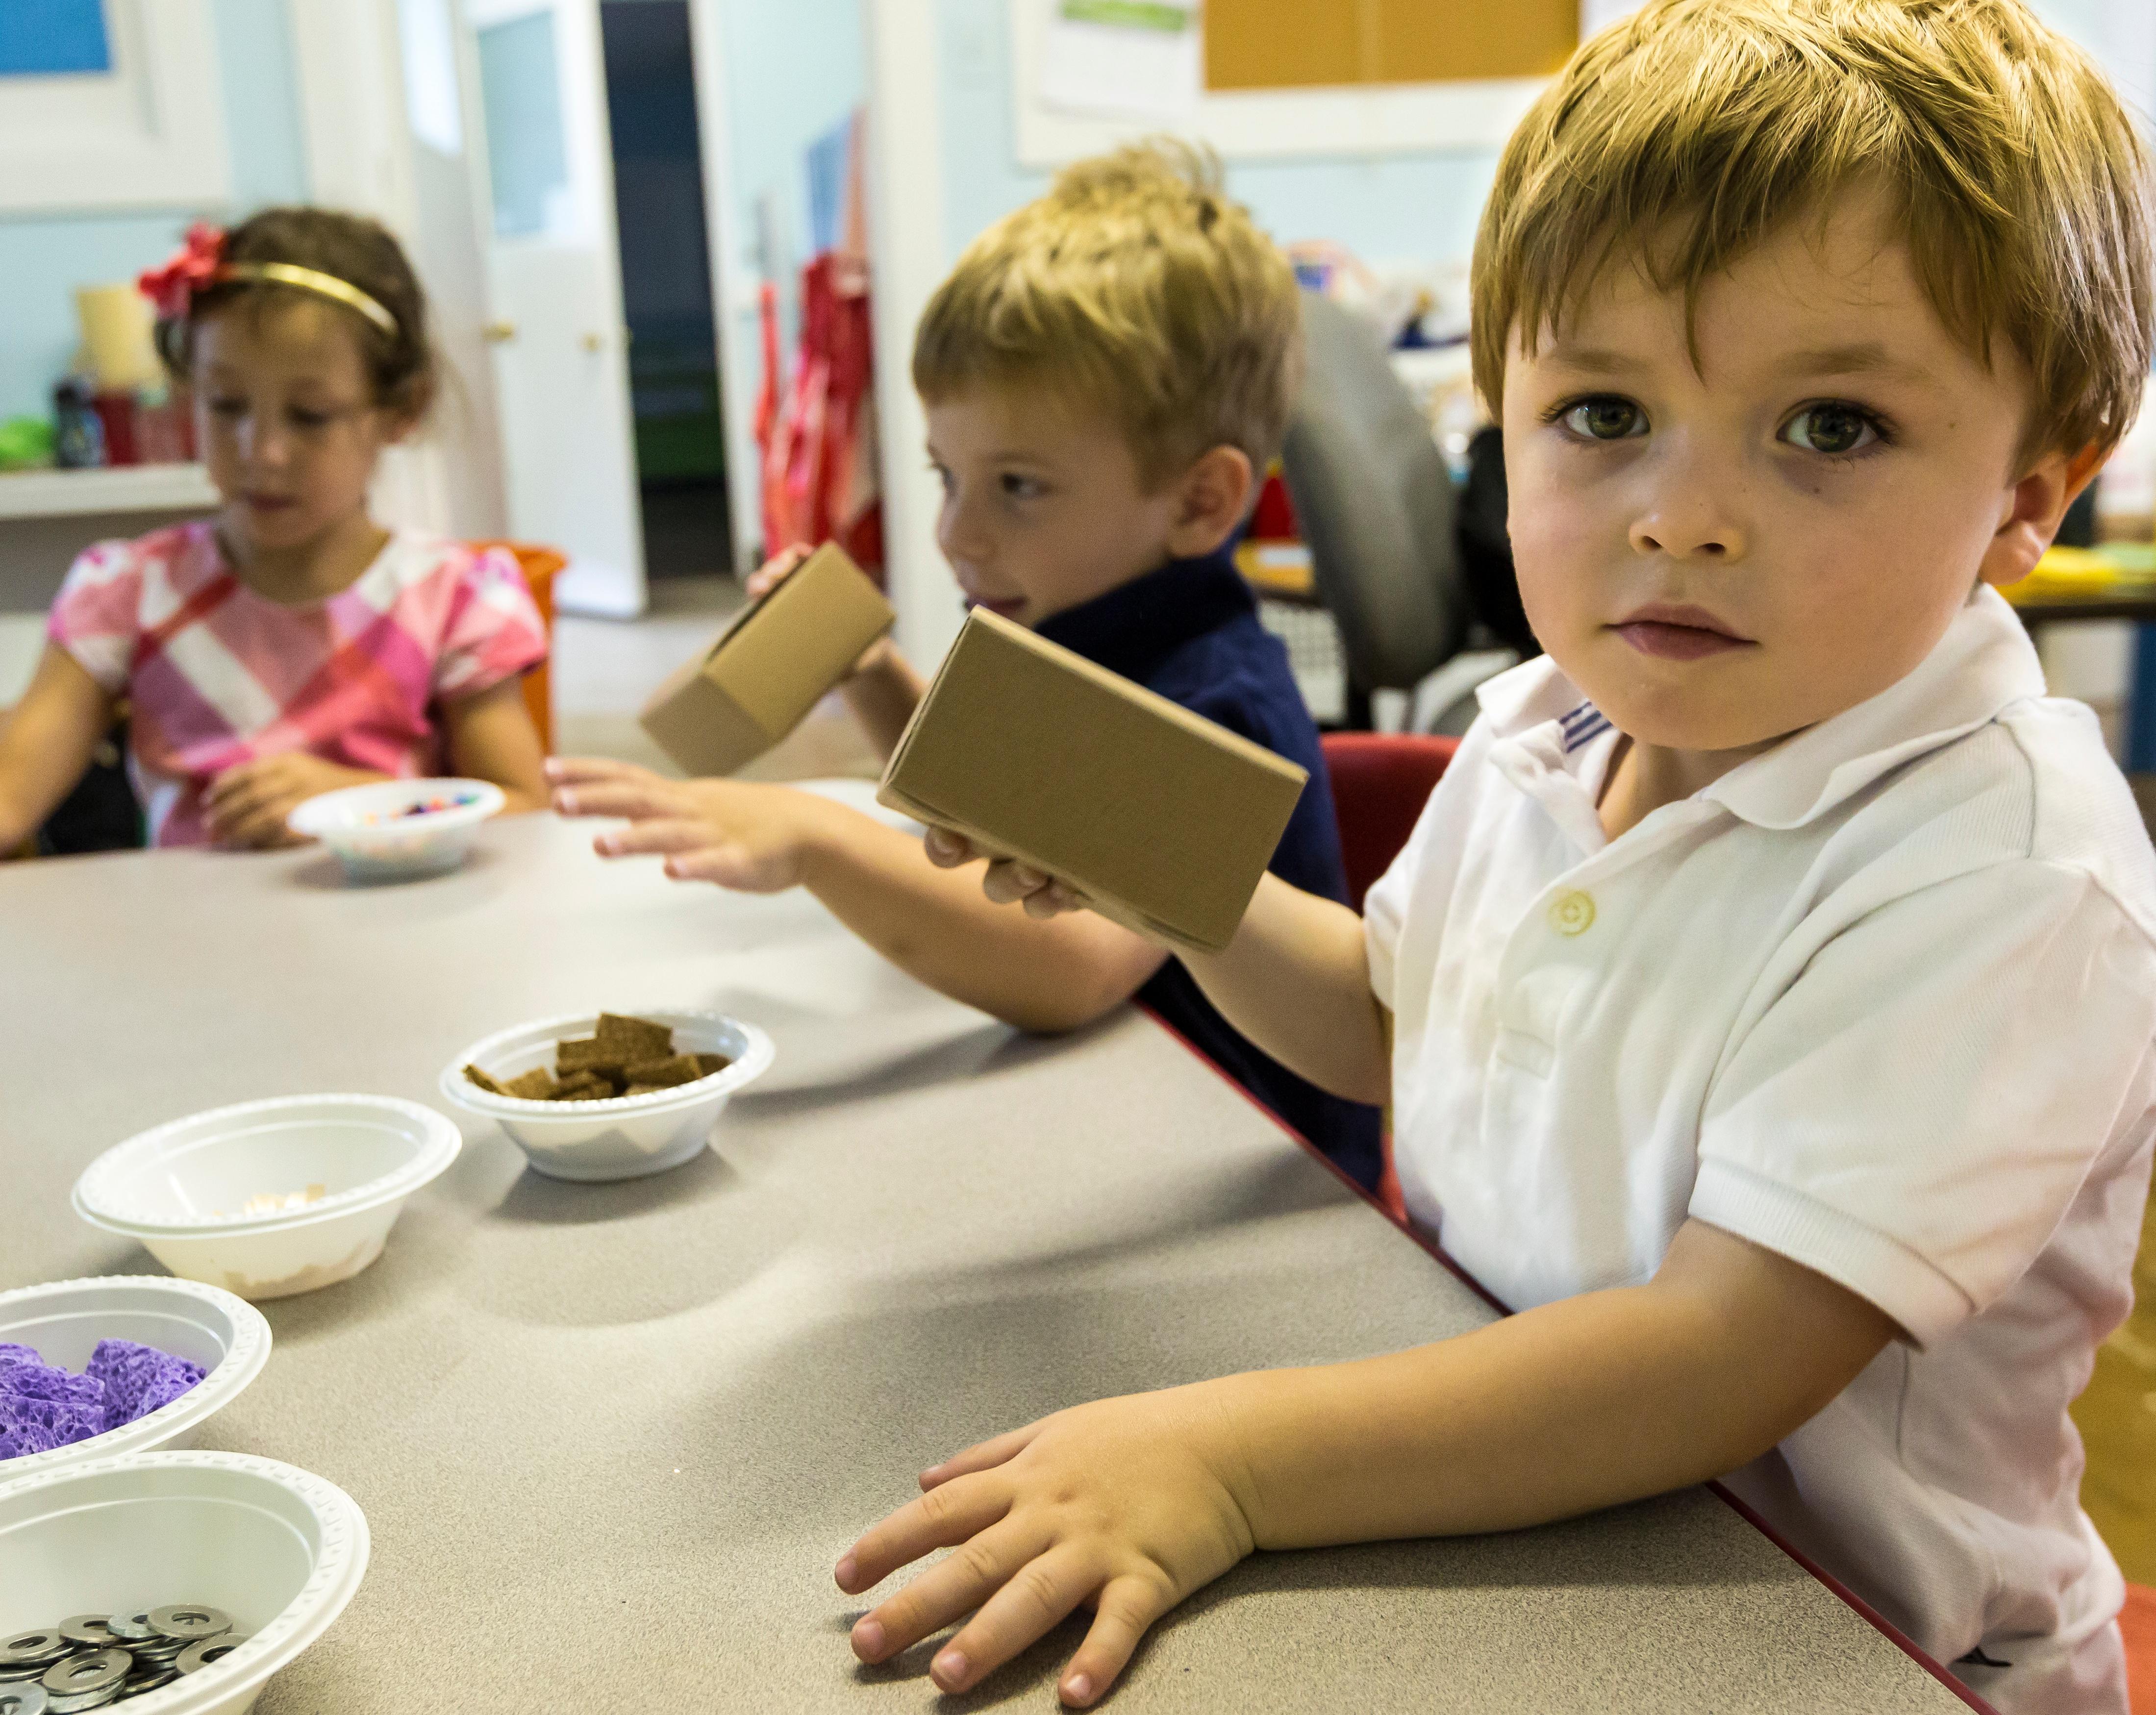 Preschoolers engineer a noisemaker